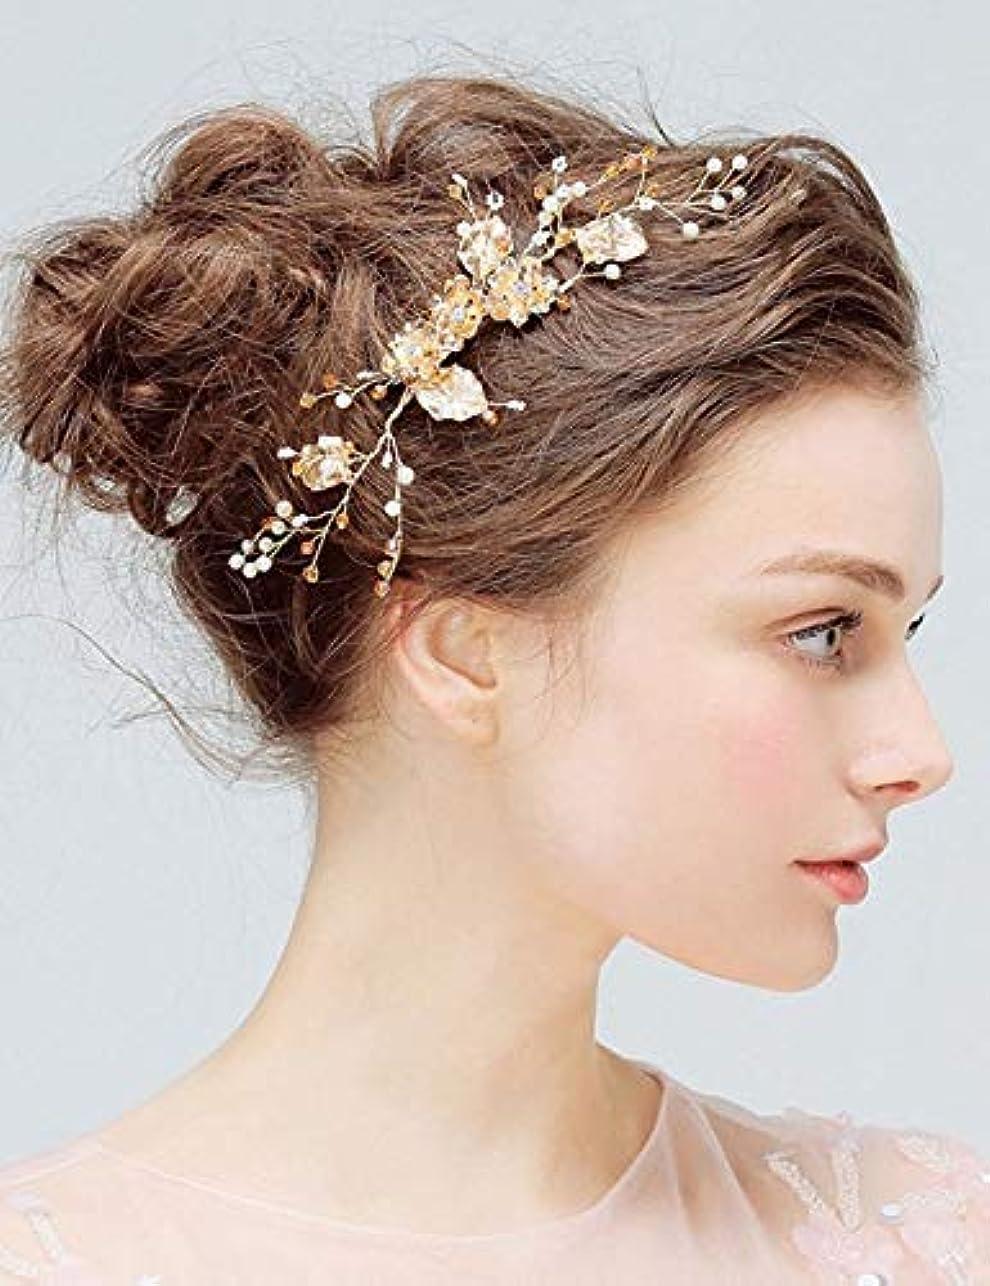 センチメートル値タックDeniferymakeup Bridal Comb Floral Gold Crystal Leaf Bridal Hair Comb Vintage Inspired Hairpiece Crystal Comb Veil...